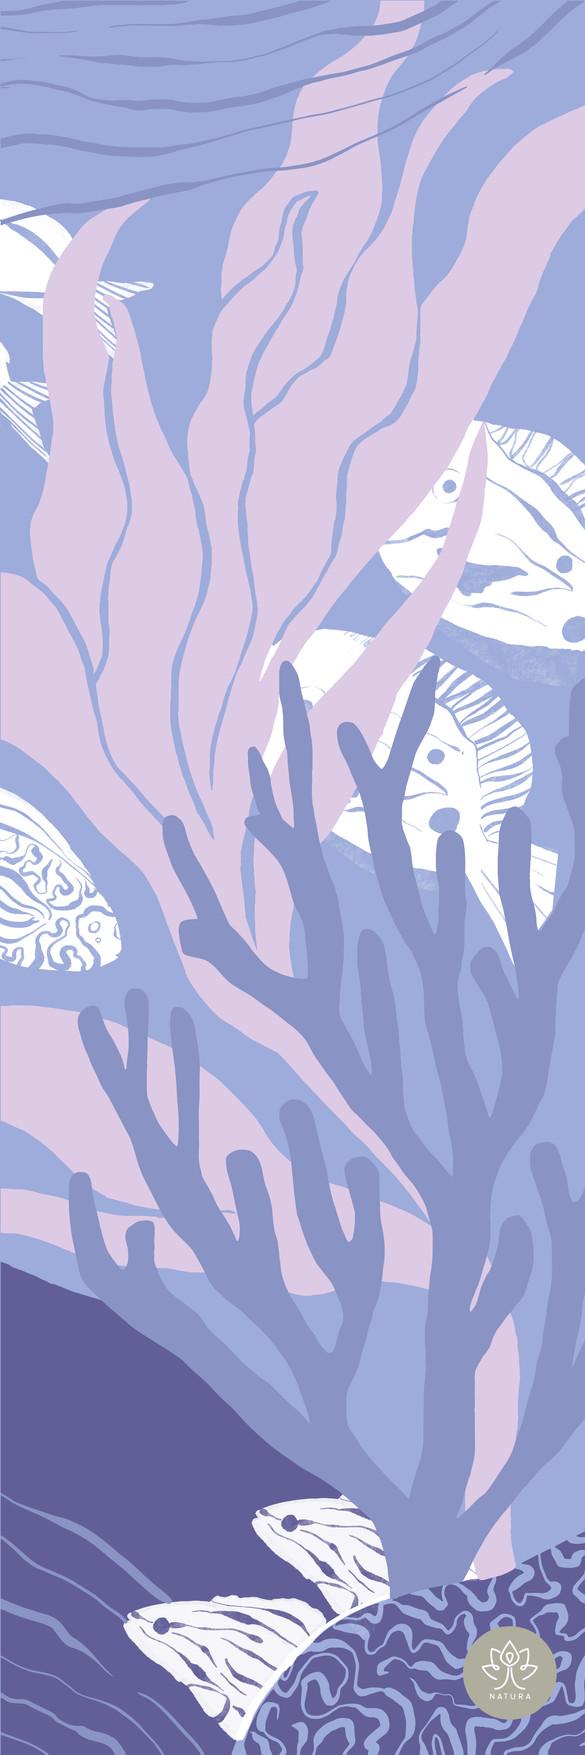 coral cove.jpg